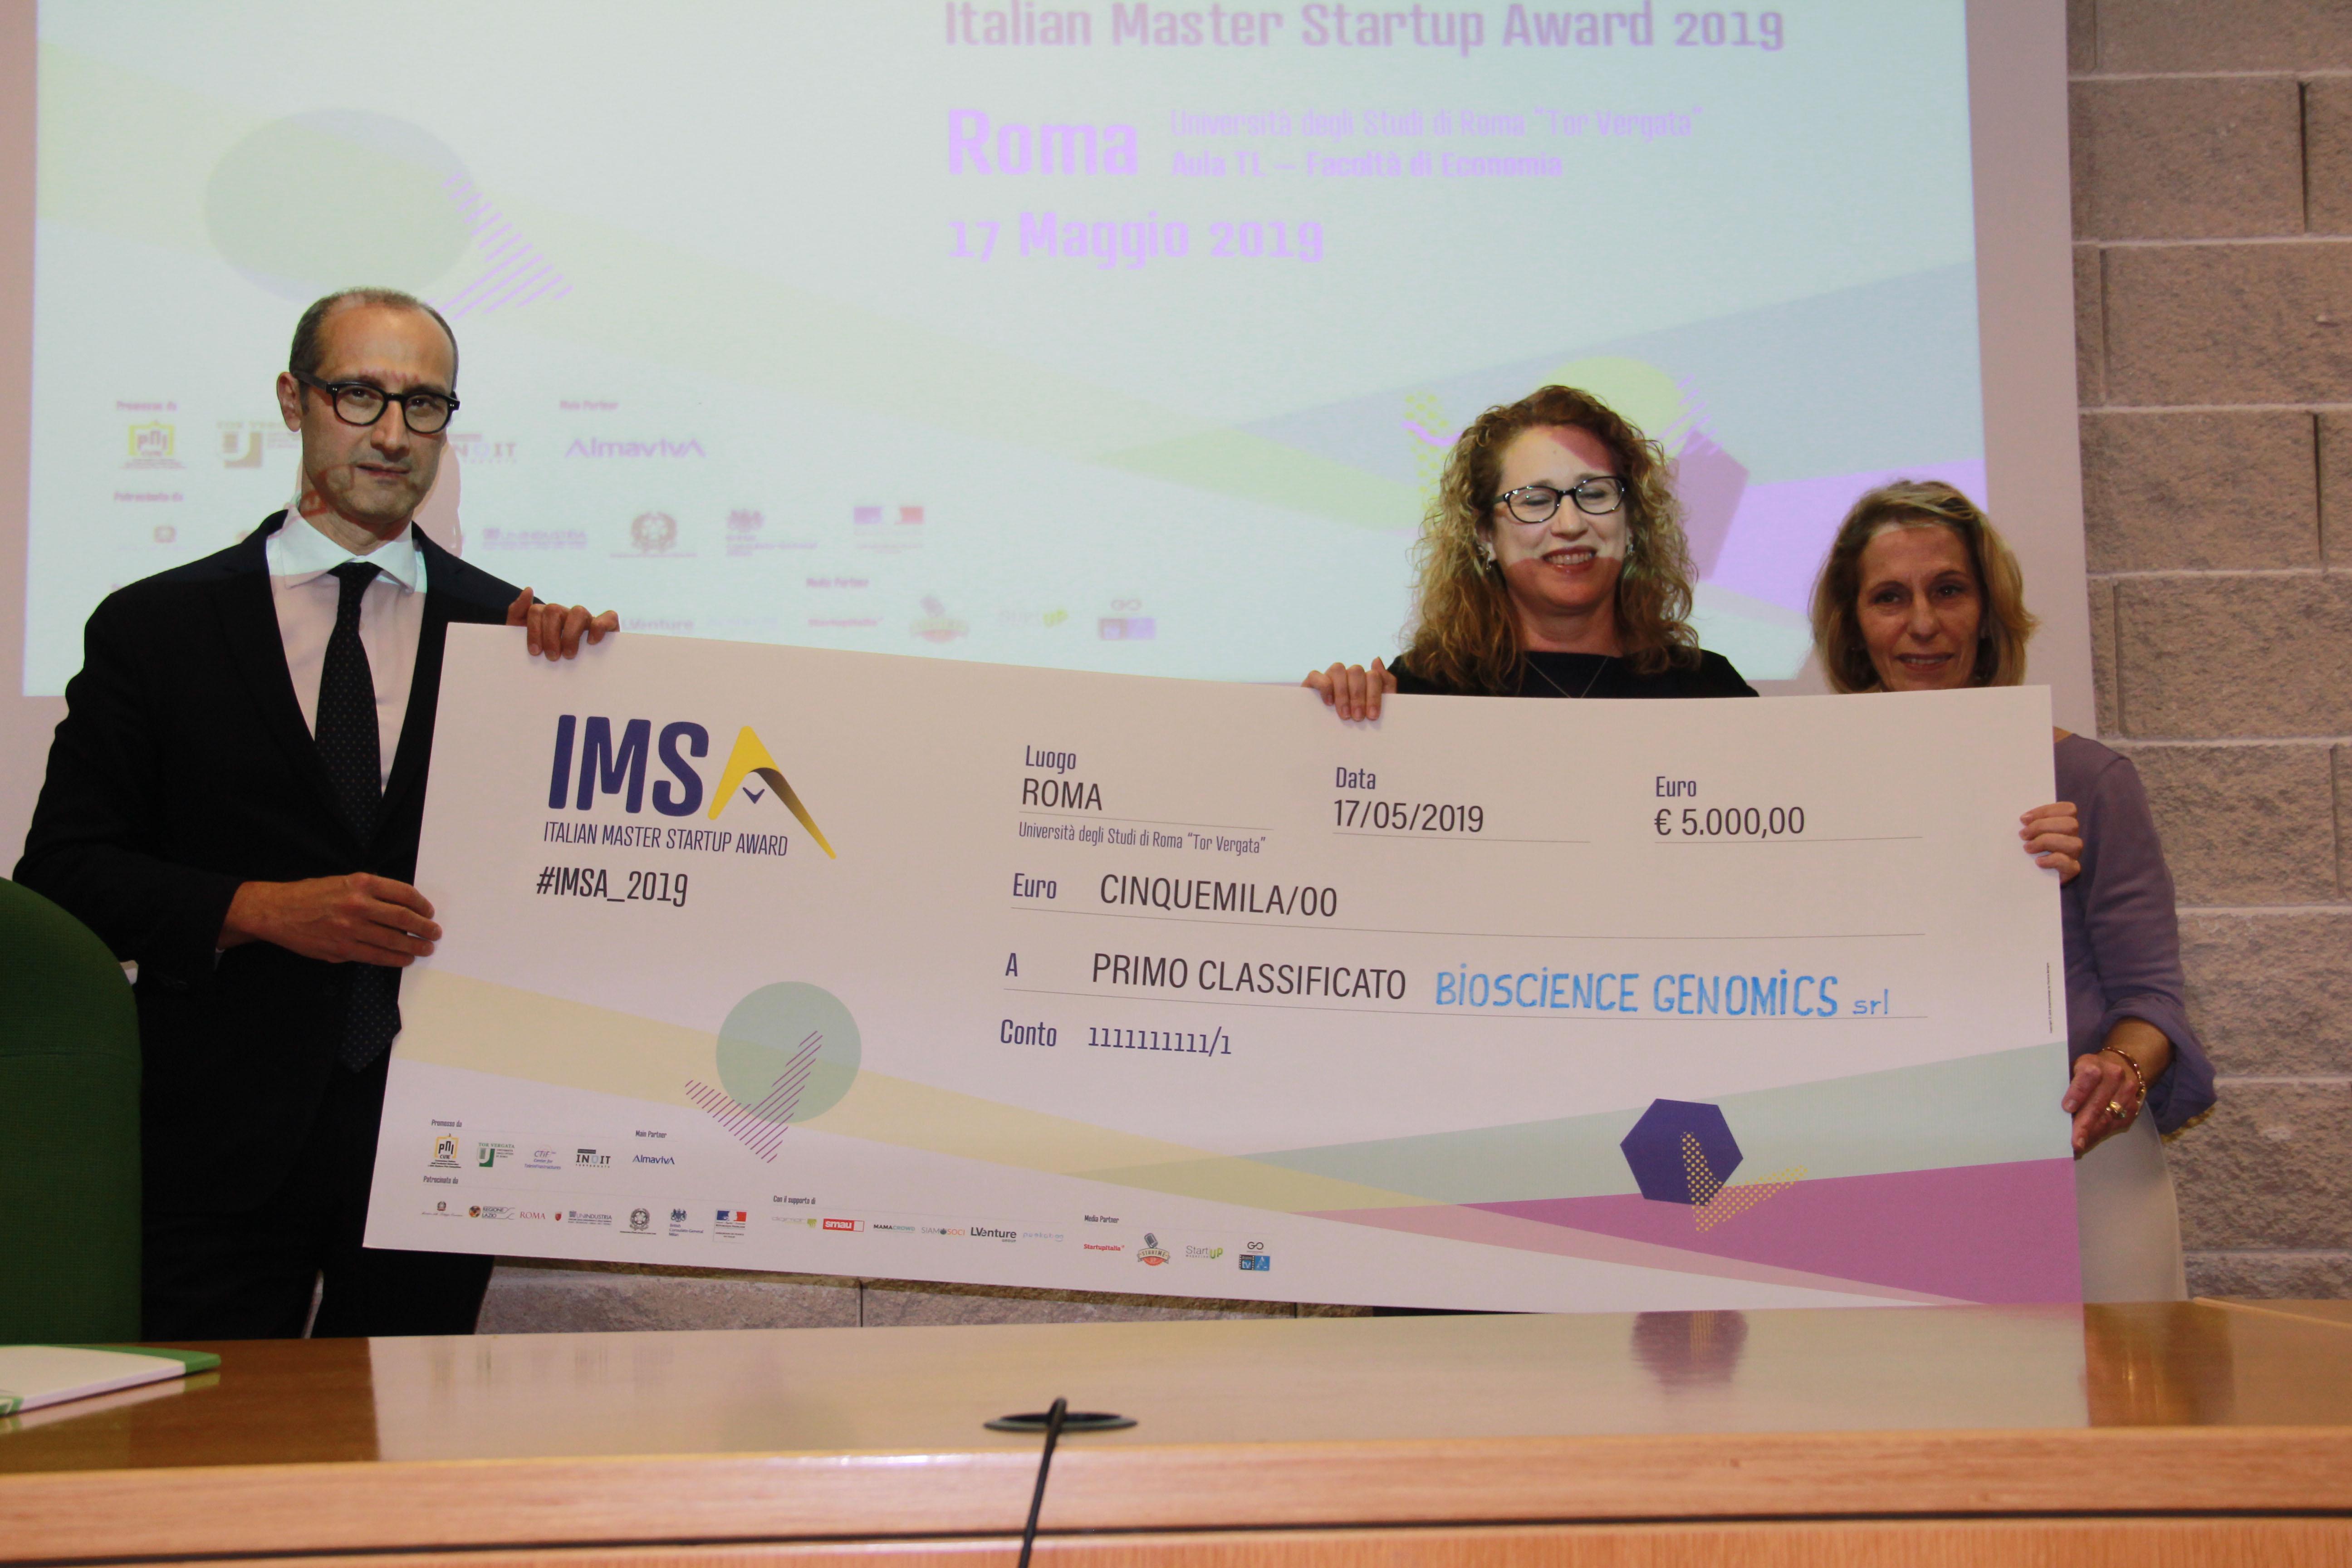 Bioscience Genomics vince l'Italian Master Startup Award 2019